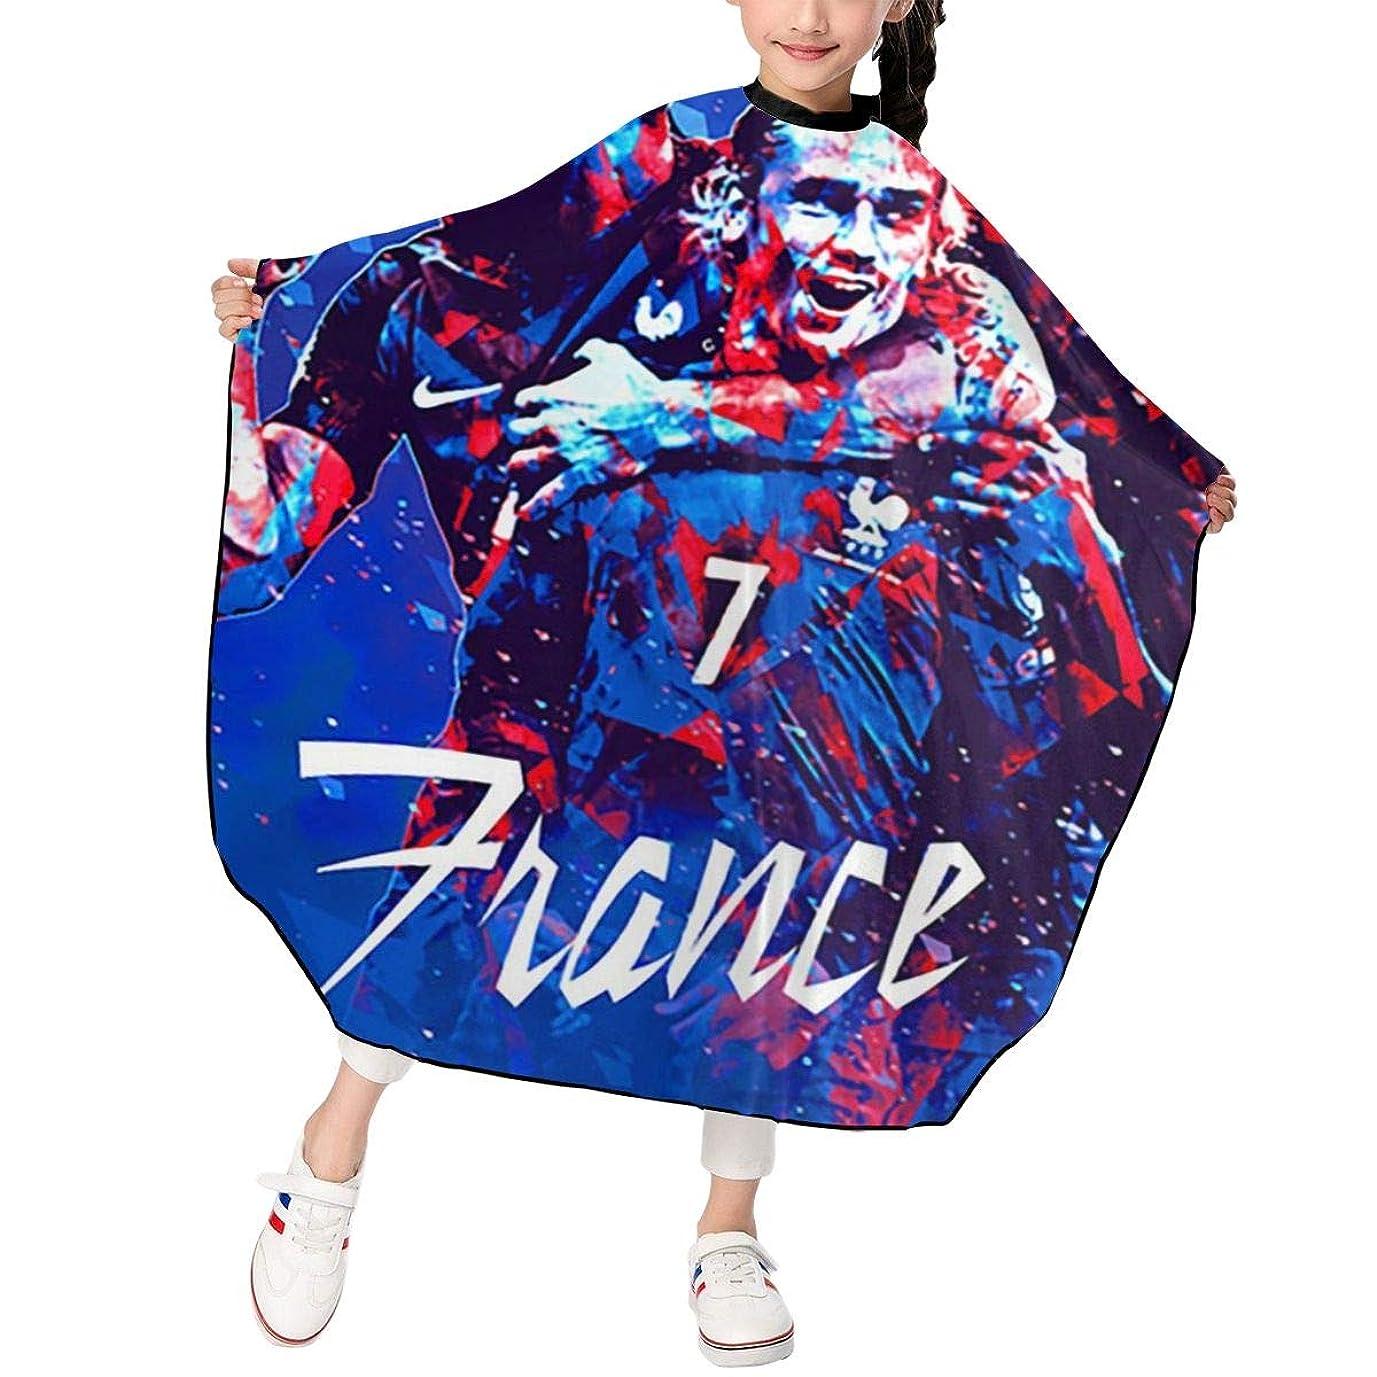 侵略大学雑品最新の人気ヘアカットエプロン 子供用ヘアカットエプロン120×100cm フランスサッカー 柔らかく、軽量で、繊細なポリエステル生地、肌にやさしい、ドライ